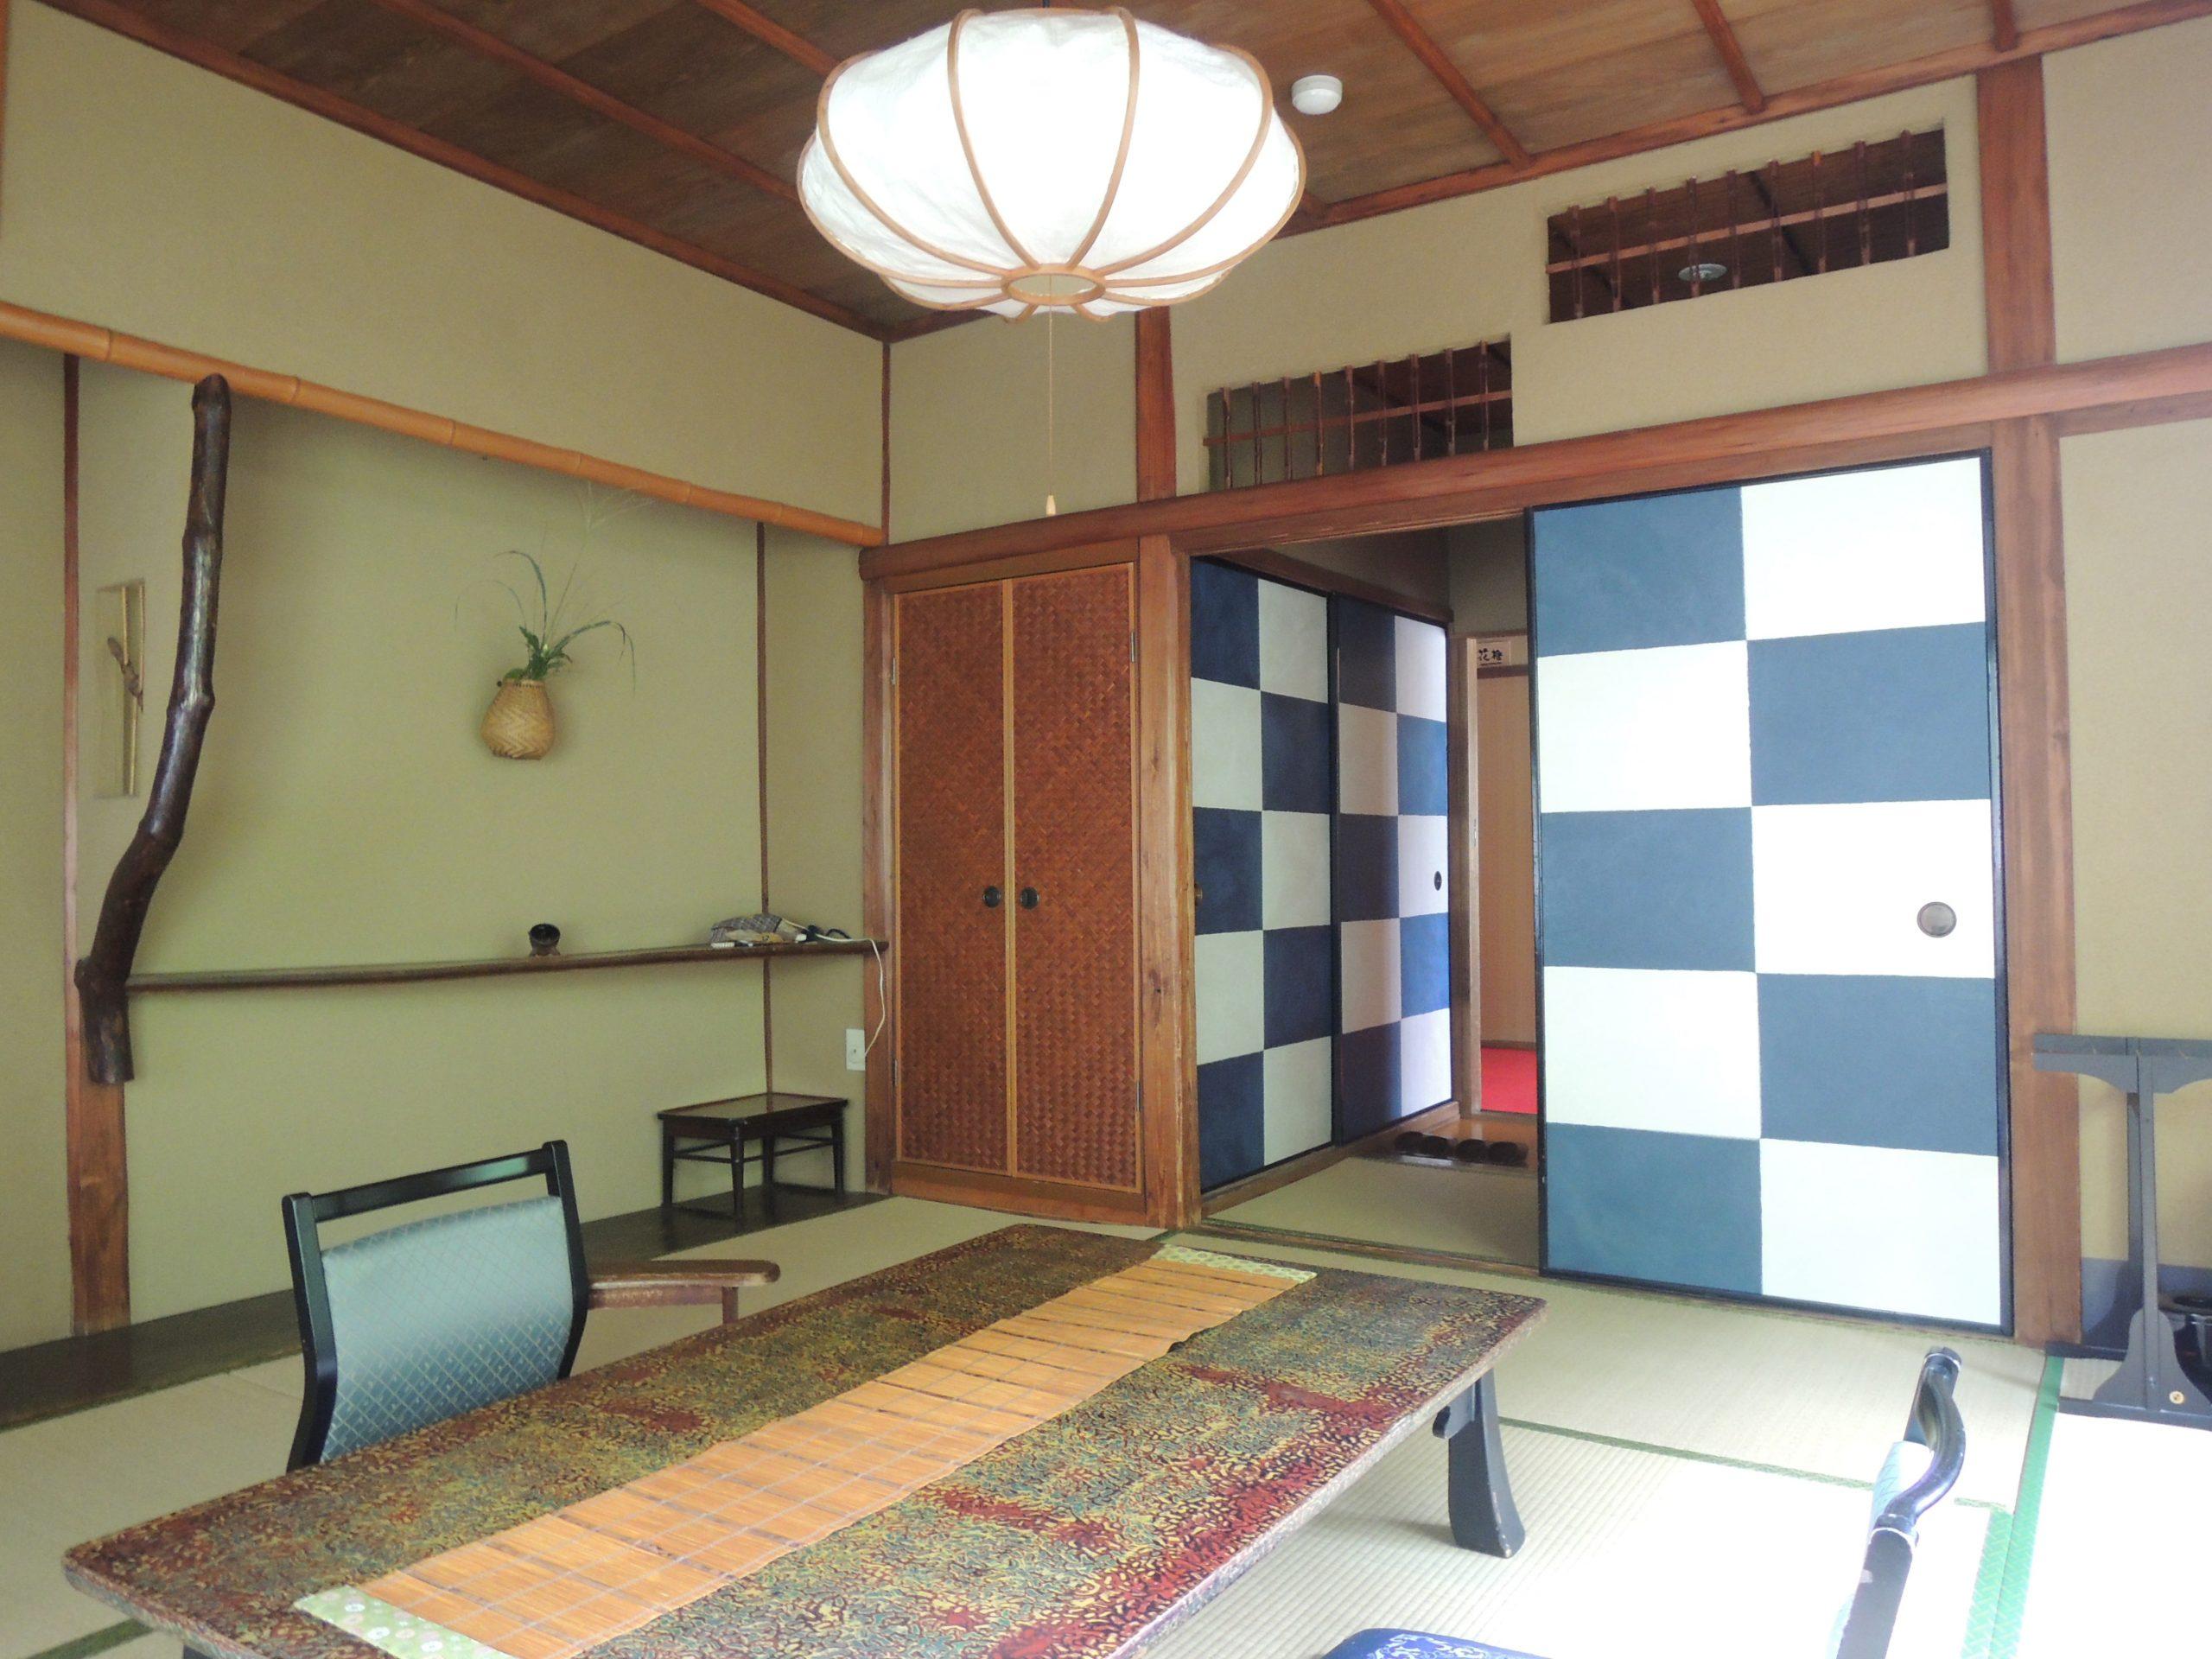 <p>数寄屋風の意匠の各客屋</p>高度成長期には既存の壁の上に新建材を用いた改変がなされたが、現在は当初の姿に復原修復されている。